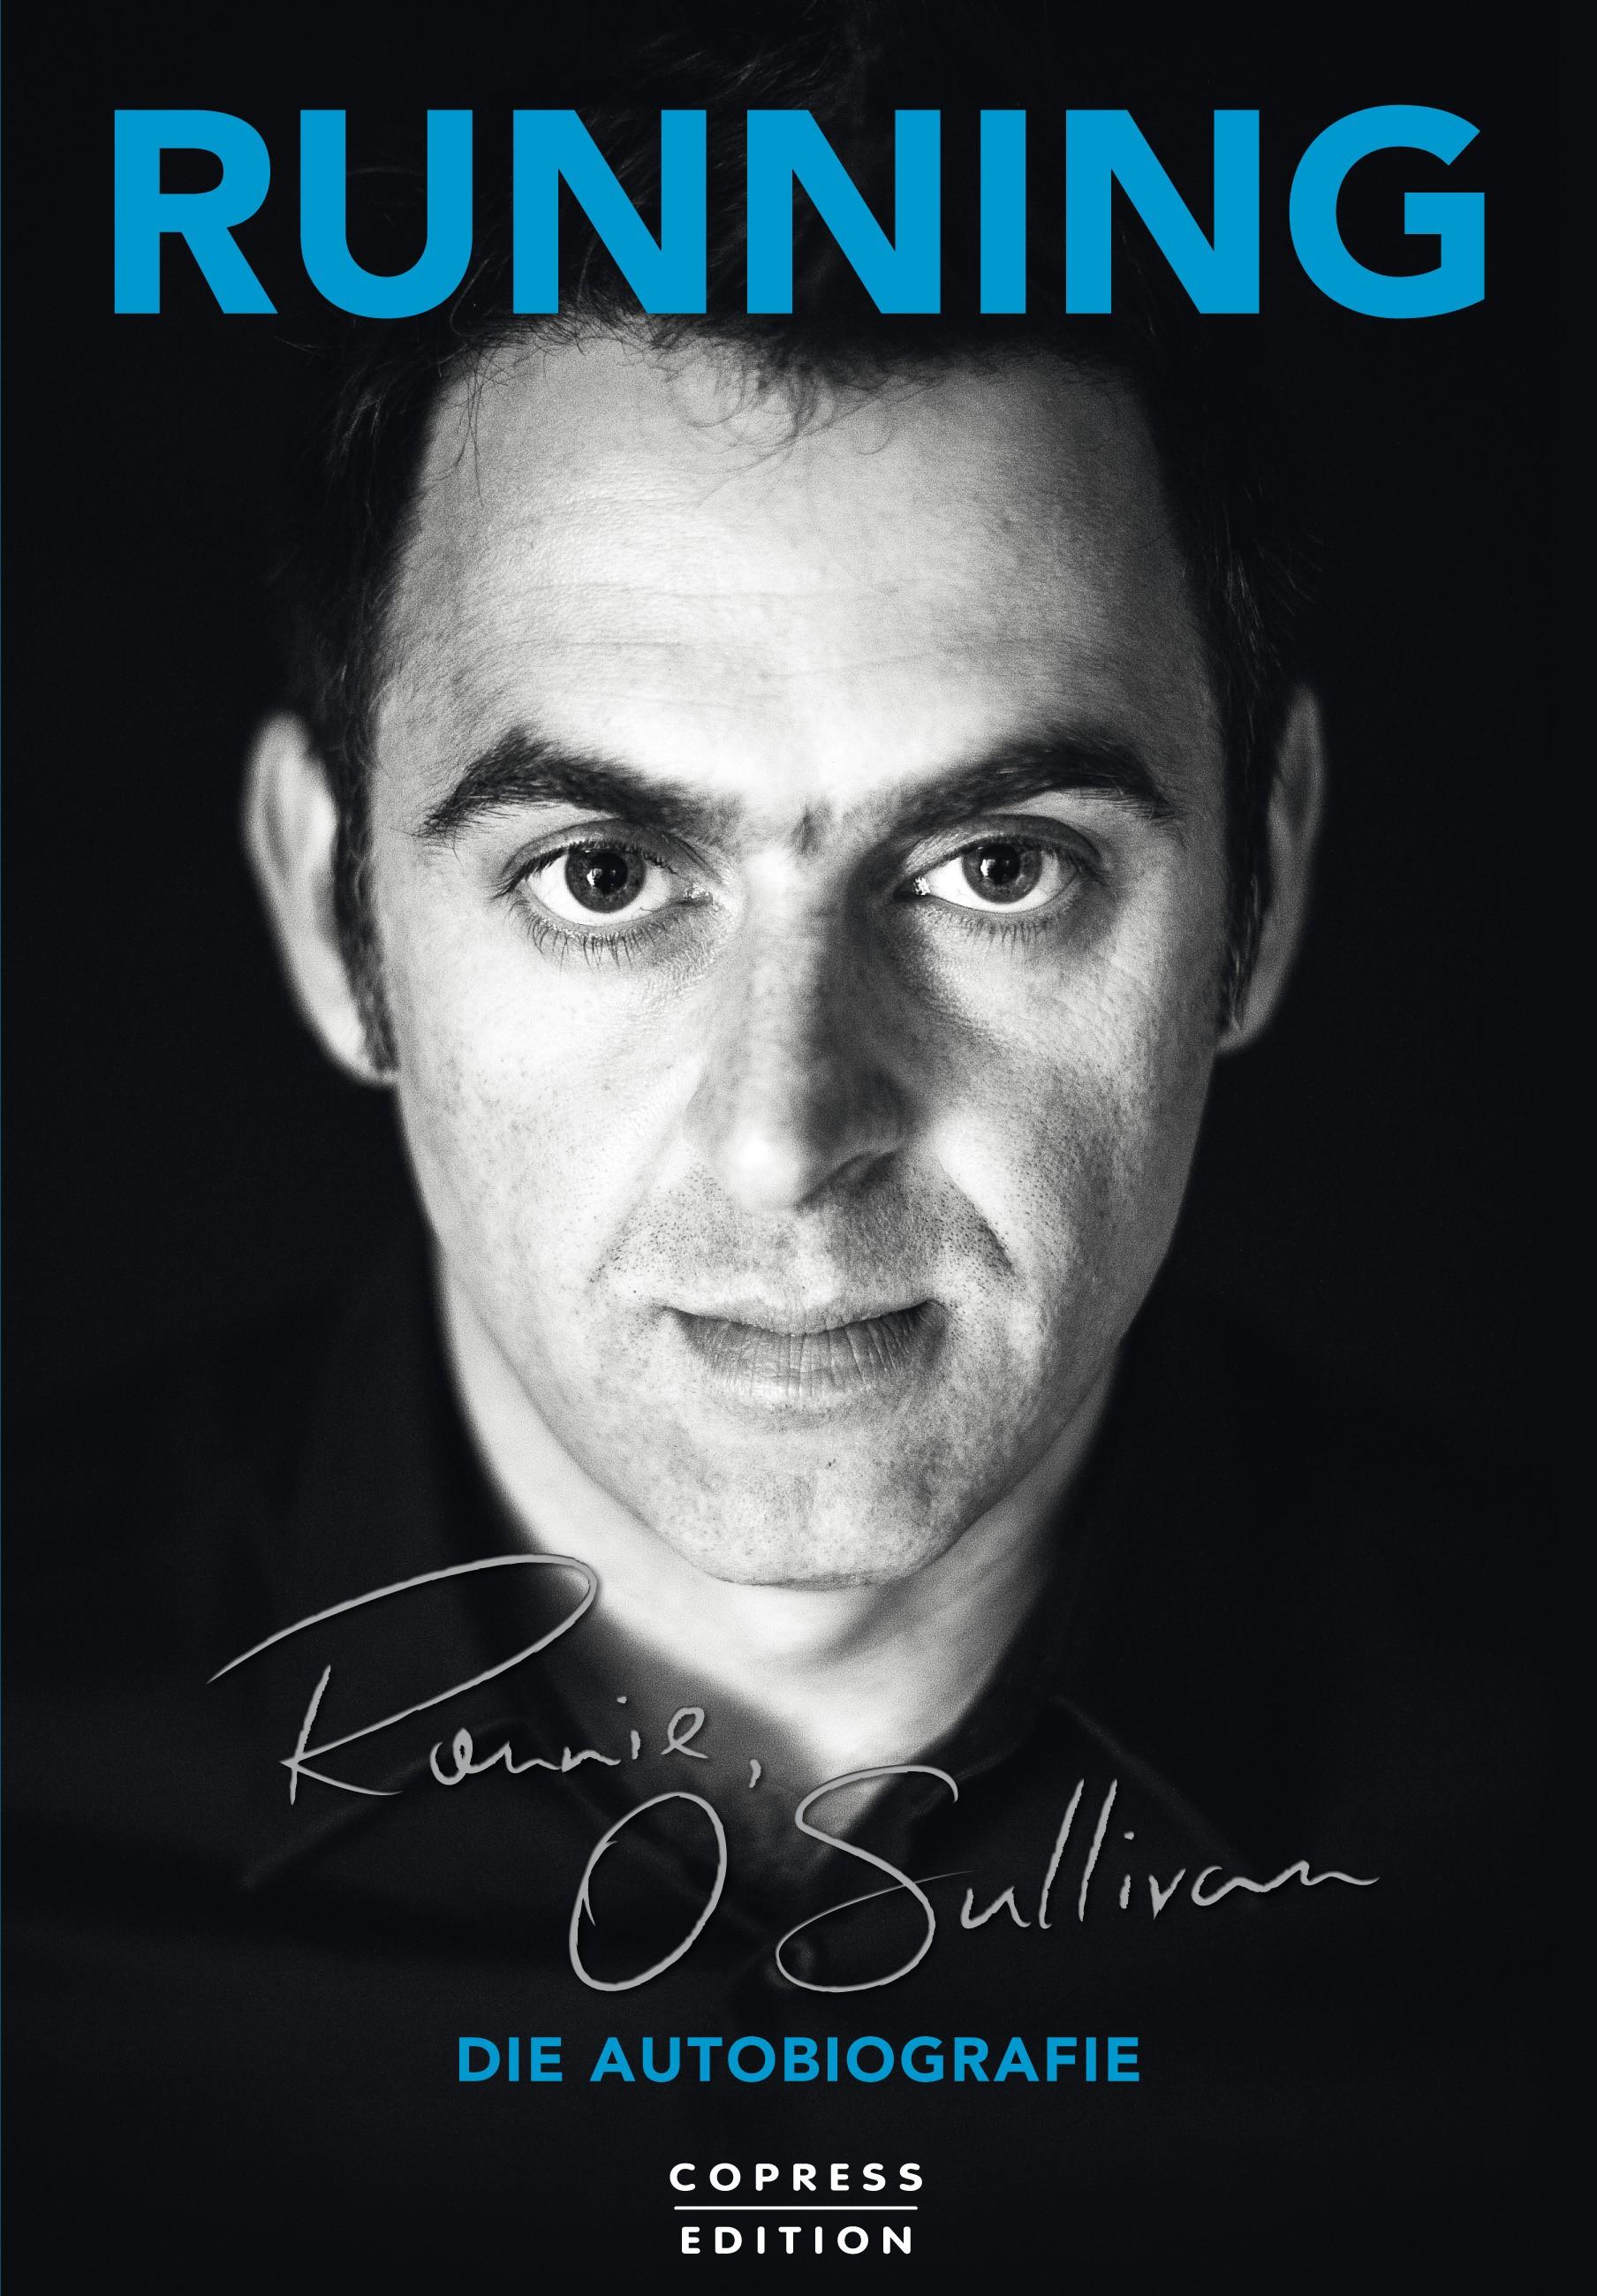 Merchandise: Running. Buch von Ronnie O'Sullivan - Signiert